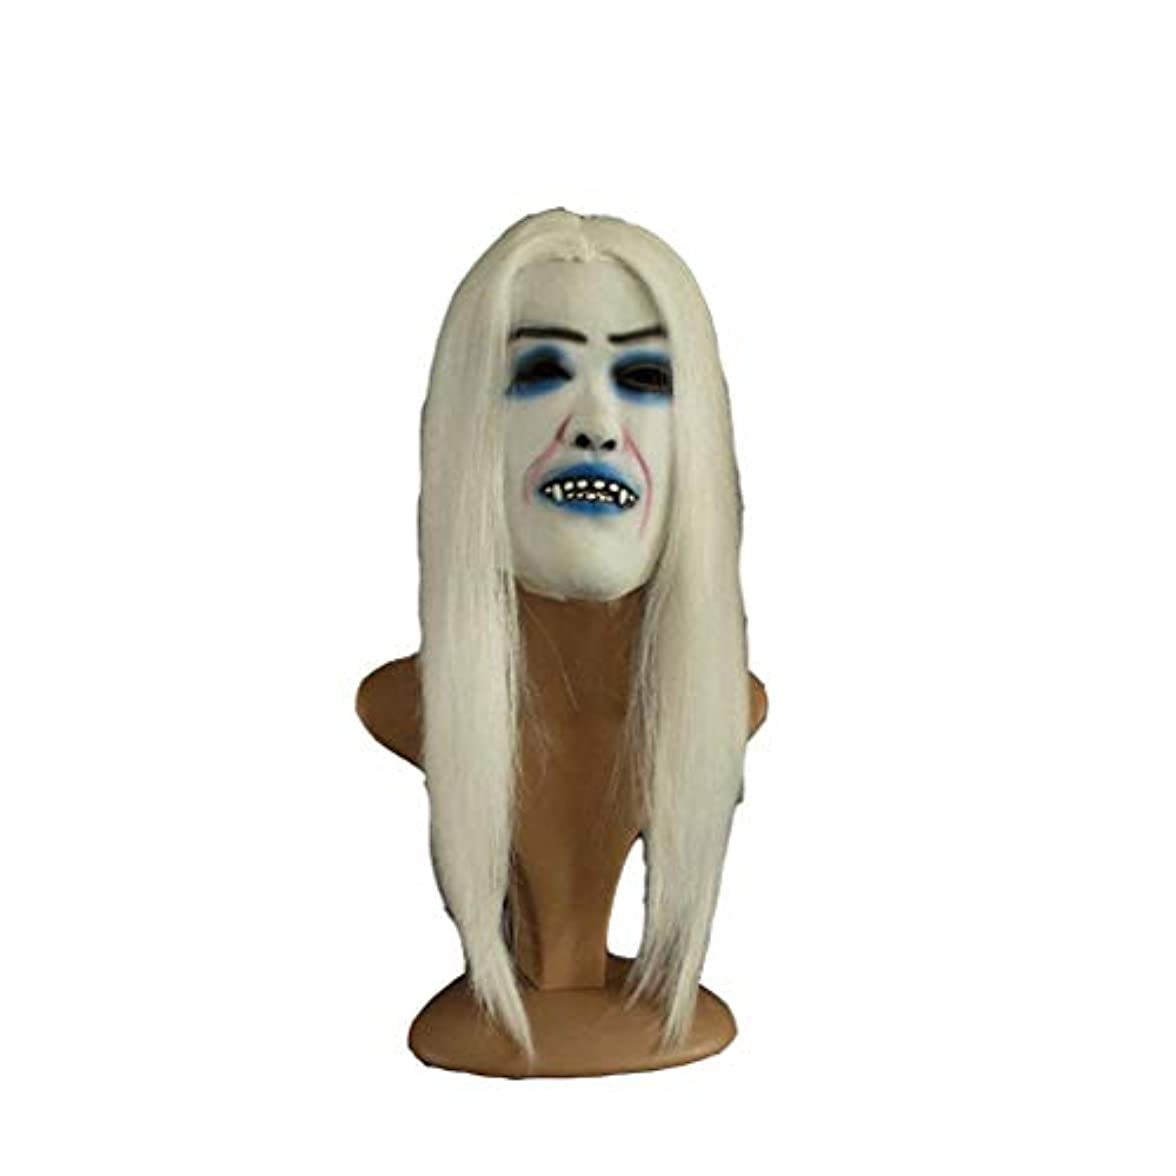 適合する周術期オーナーハロウィンホラーマスク、白の顔をしかめたかつらコスプレ怖い吸血鬼のかつら22 * 21 cm髪の長さ67 cm